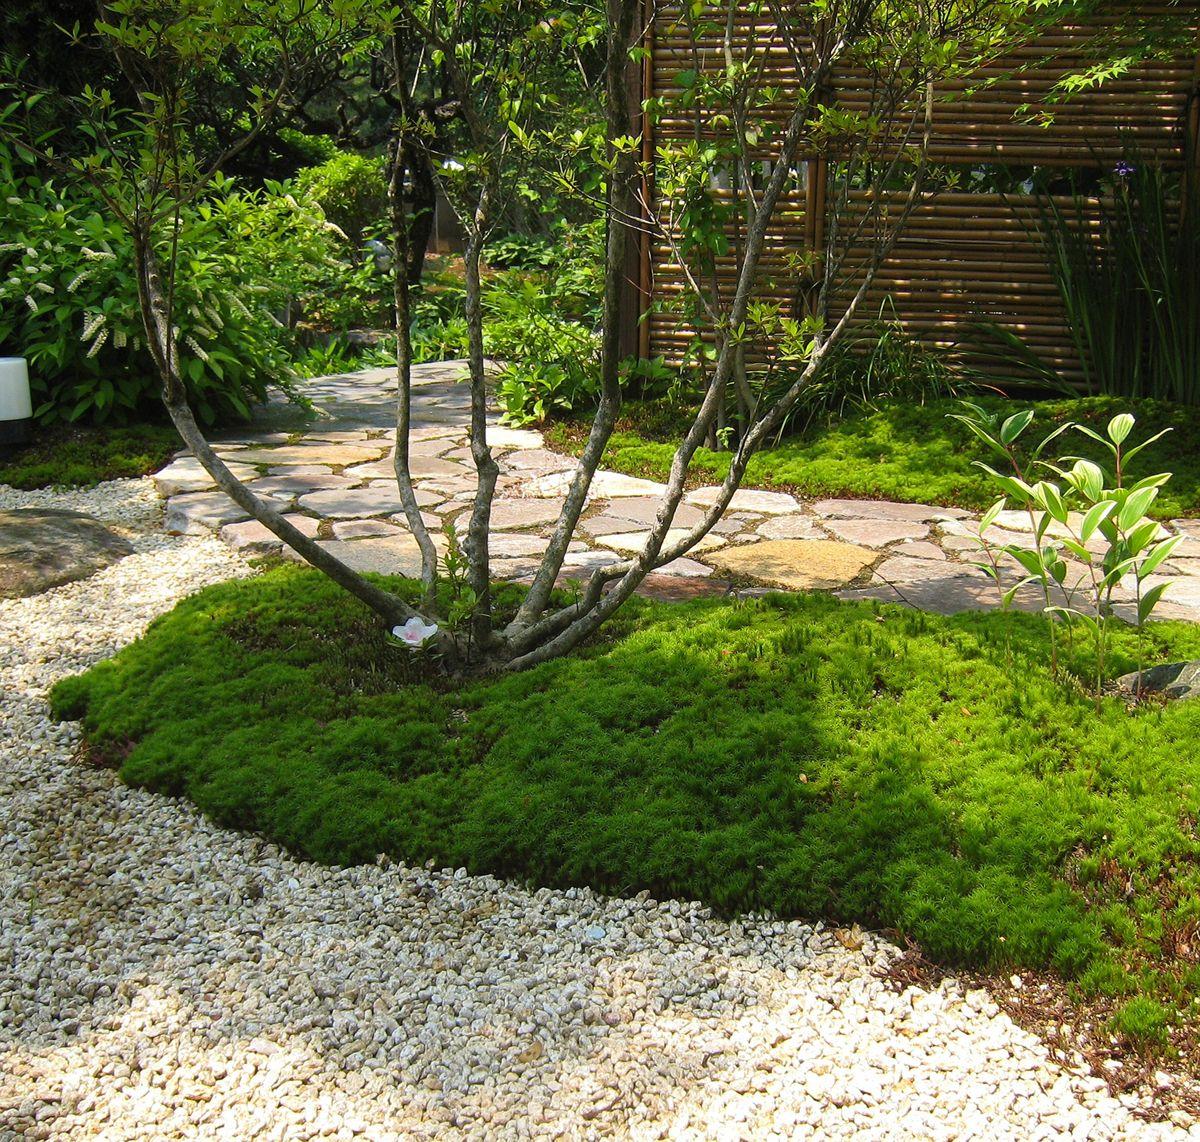 プライベートな庭園空間 誰もが憧れる理想の庭をカタチにさせていただきました 門をくぐり アプローチを進むと徐々に住まいが見えてくる 家から庭を眺めたとき 緑に囲まれ周囲の目を気にせずくつろぎの時間が過ごせる 庭 日本庭園 美しい庭